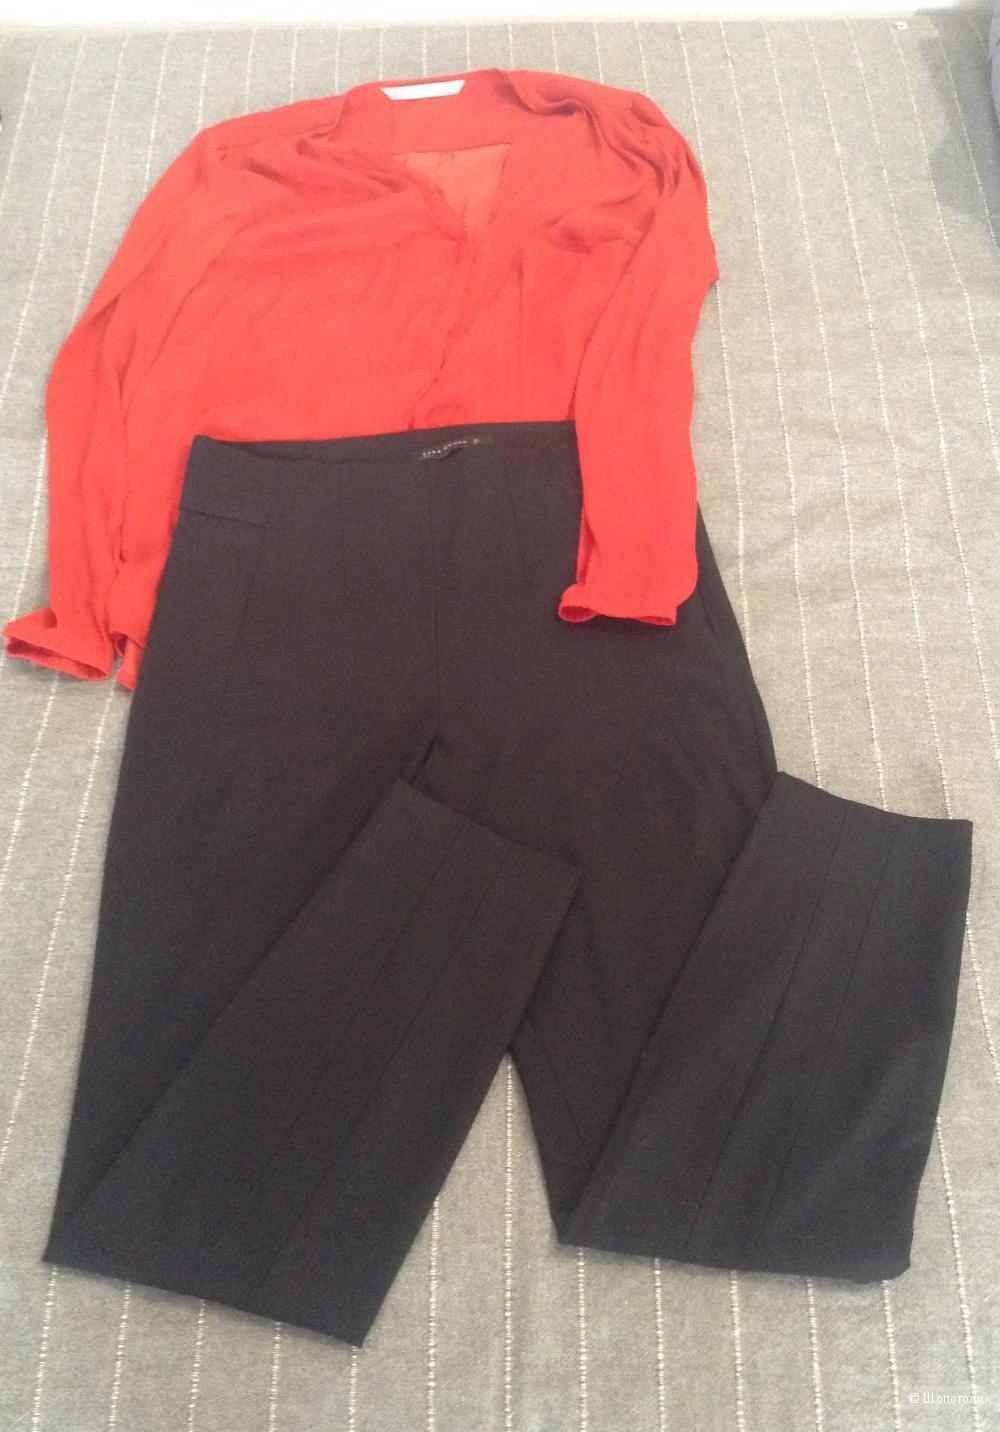 Брюки Zara р-р L, блуза Zara р-р XL